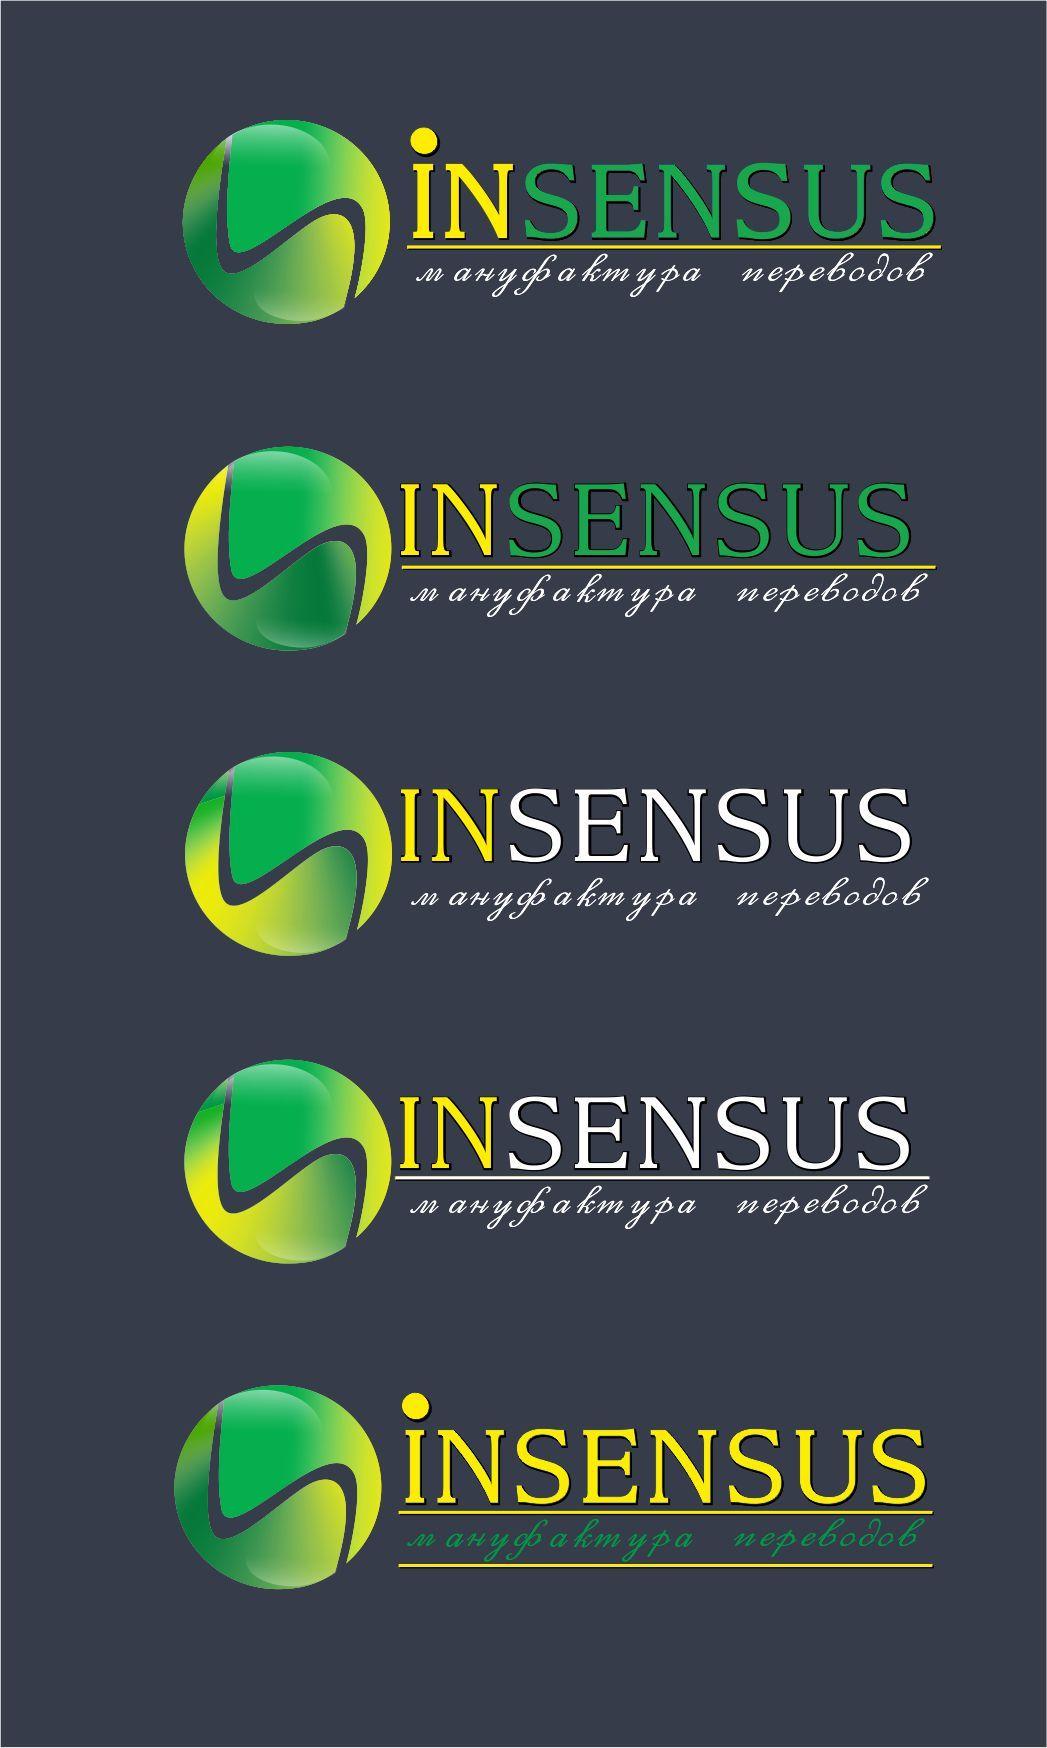 Лого и ФС для переводческой компании - дизайнер Angela